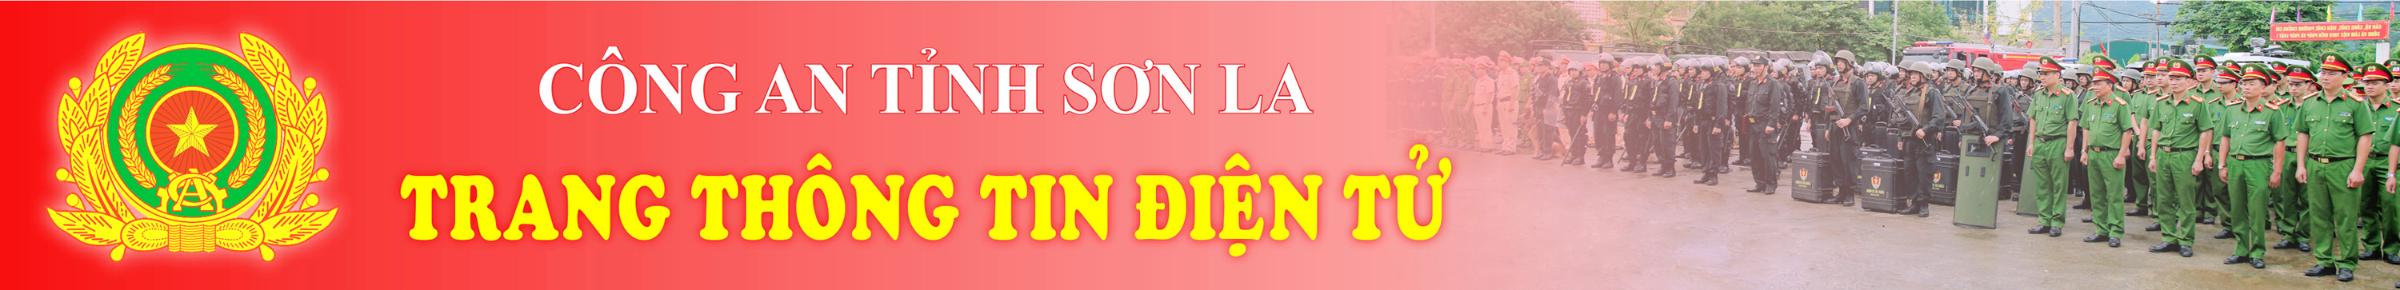 Banner-trang-web-chinh-1